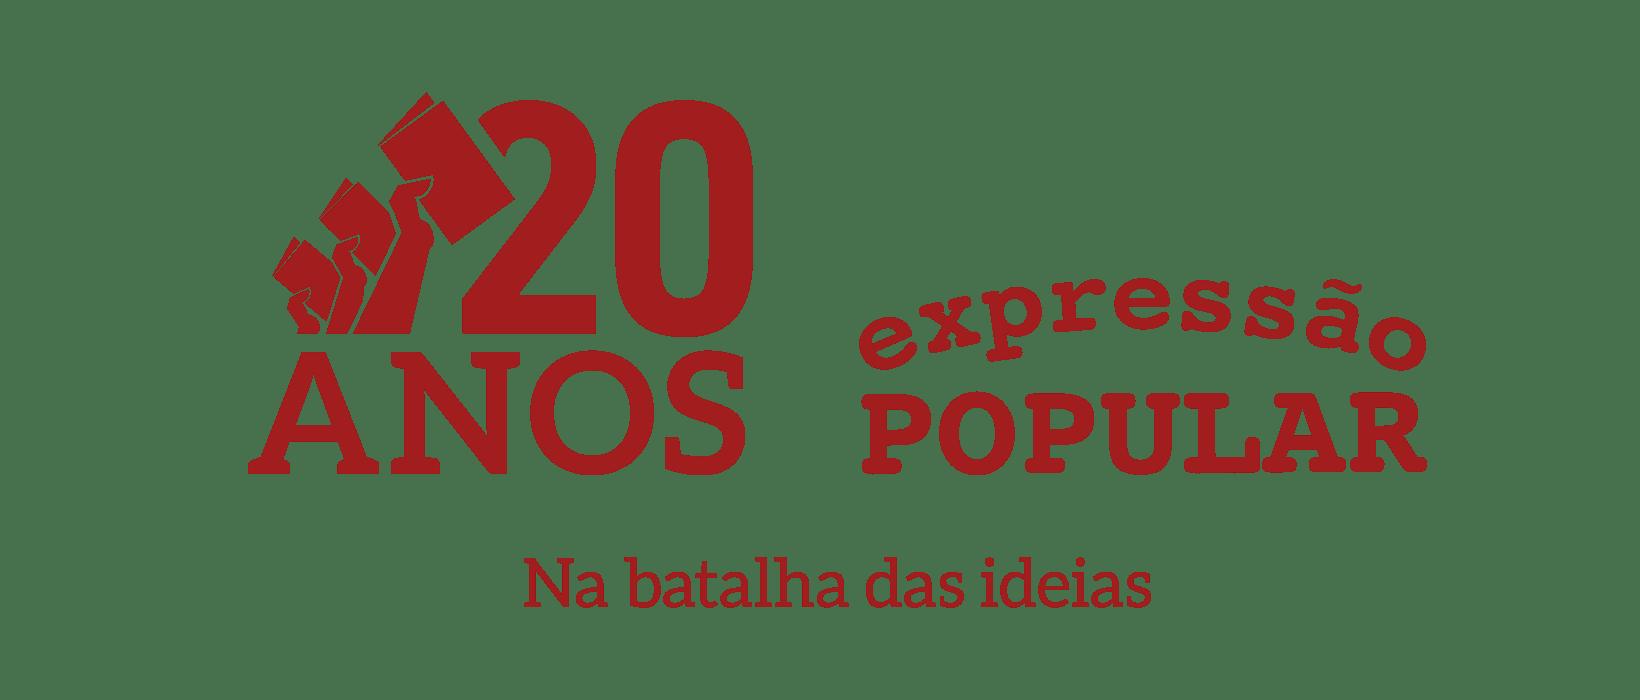 20 anos na Batalha das Ideias - Expressao Popular